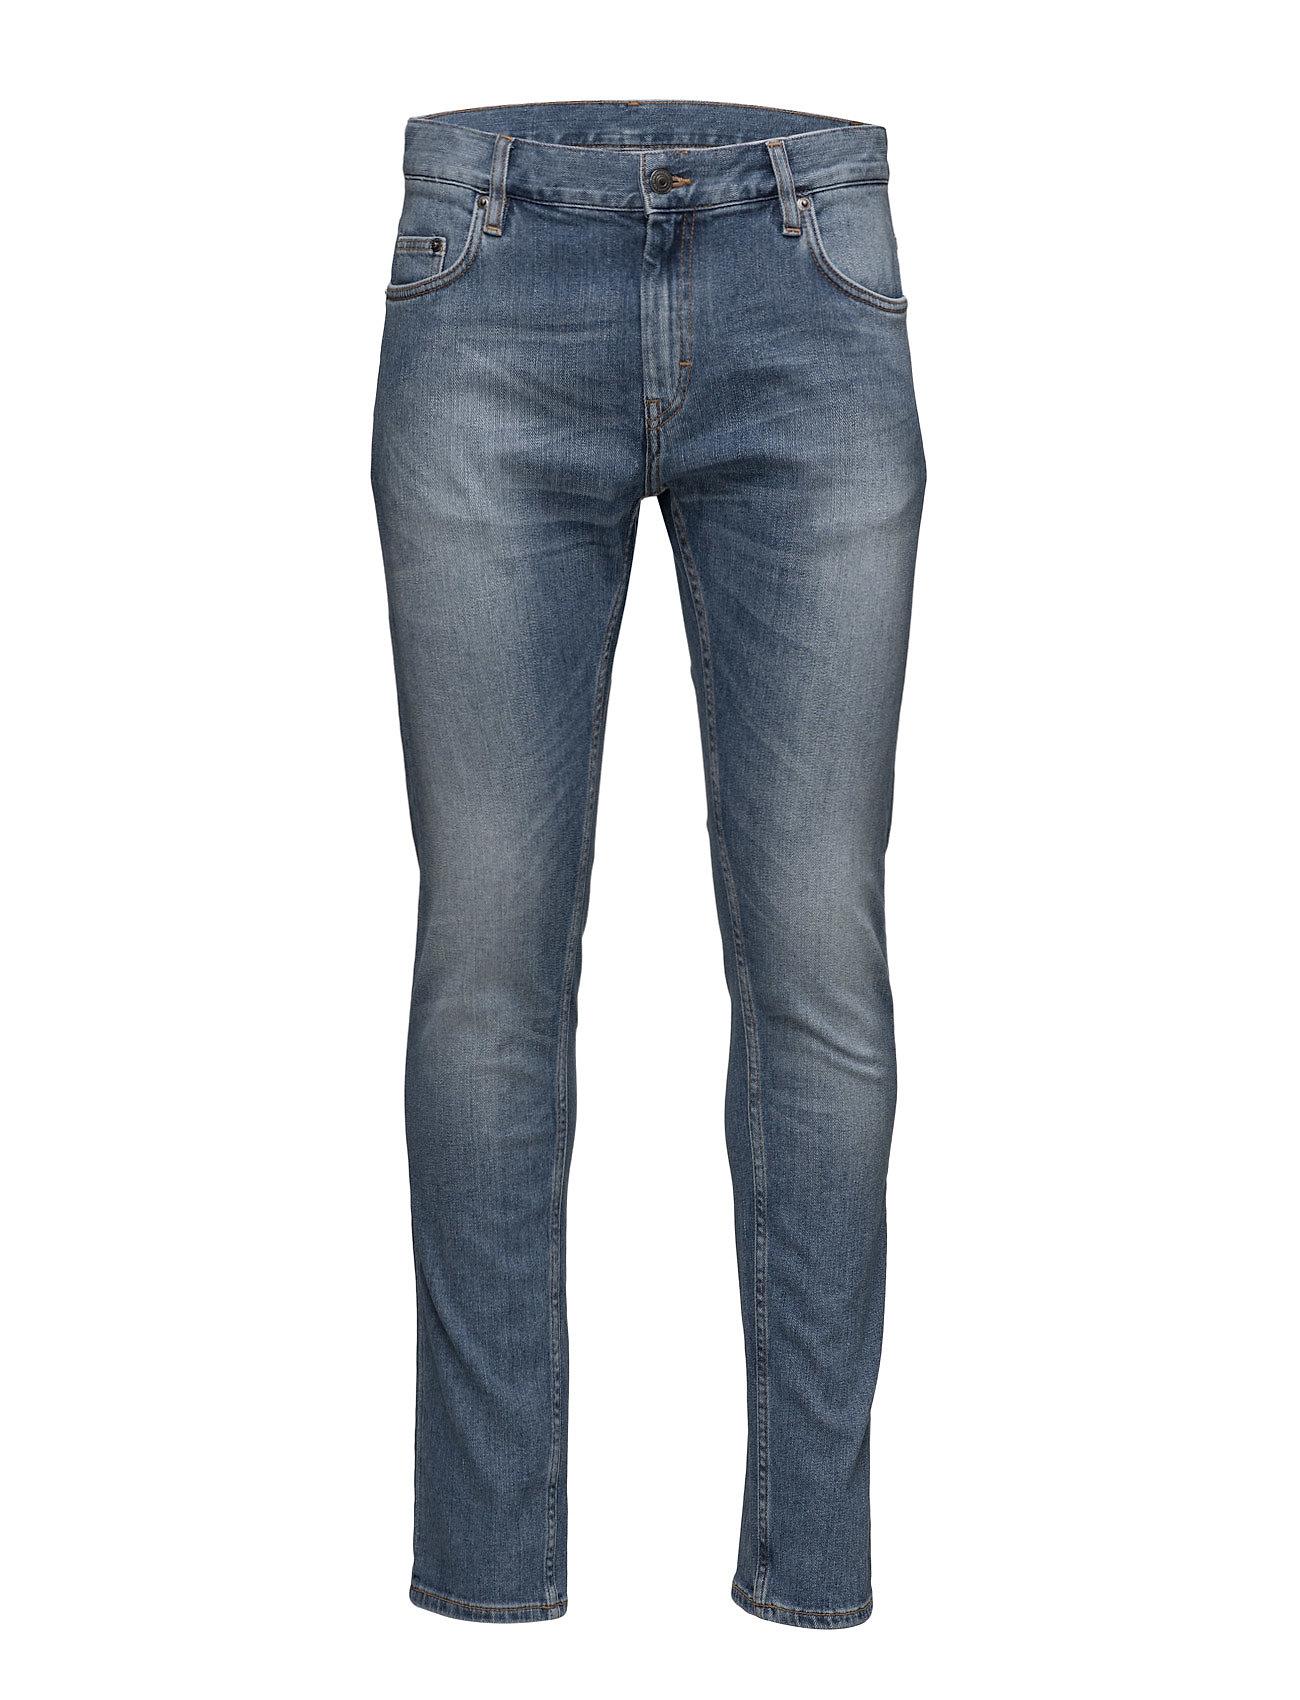 Bob D2m Peak Performance Jeans til Mænd i